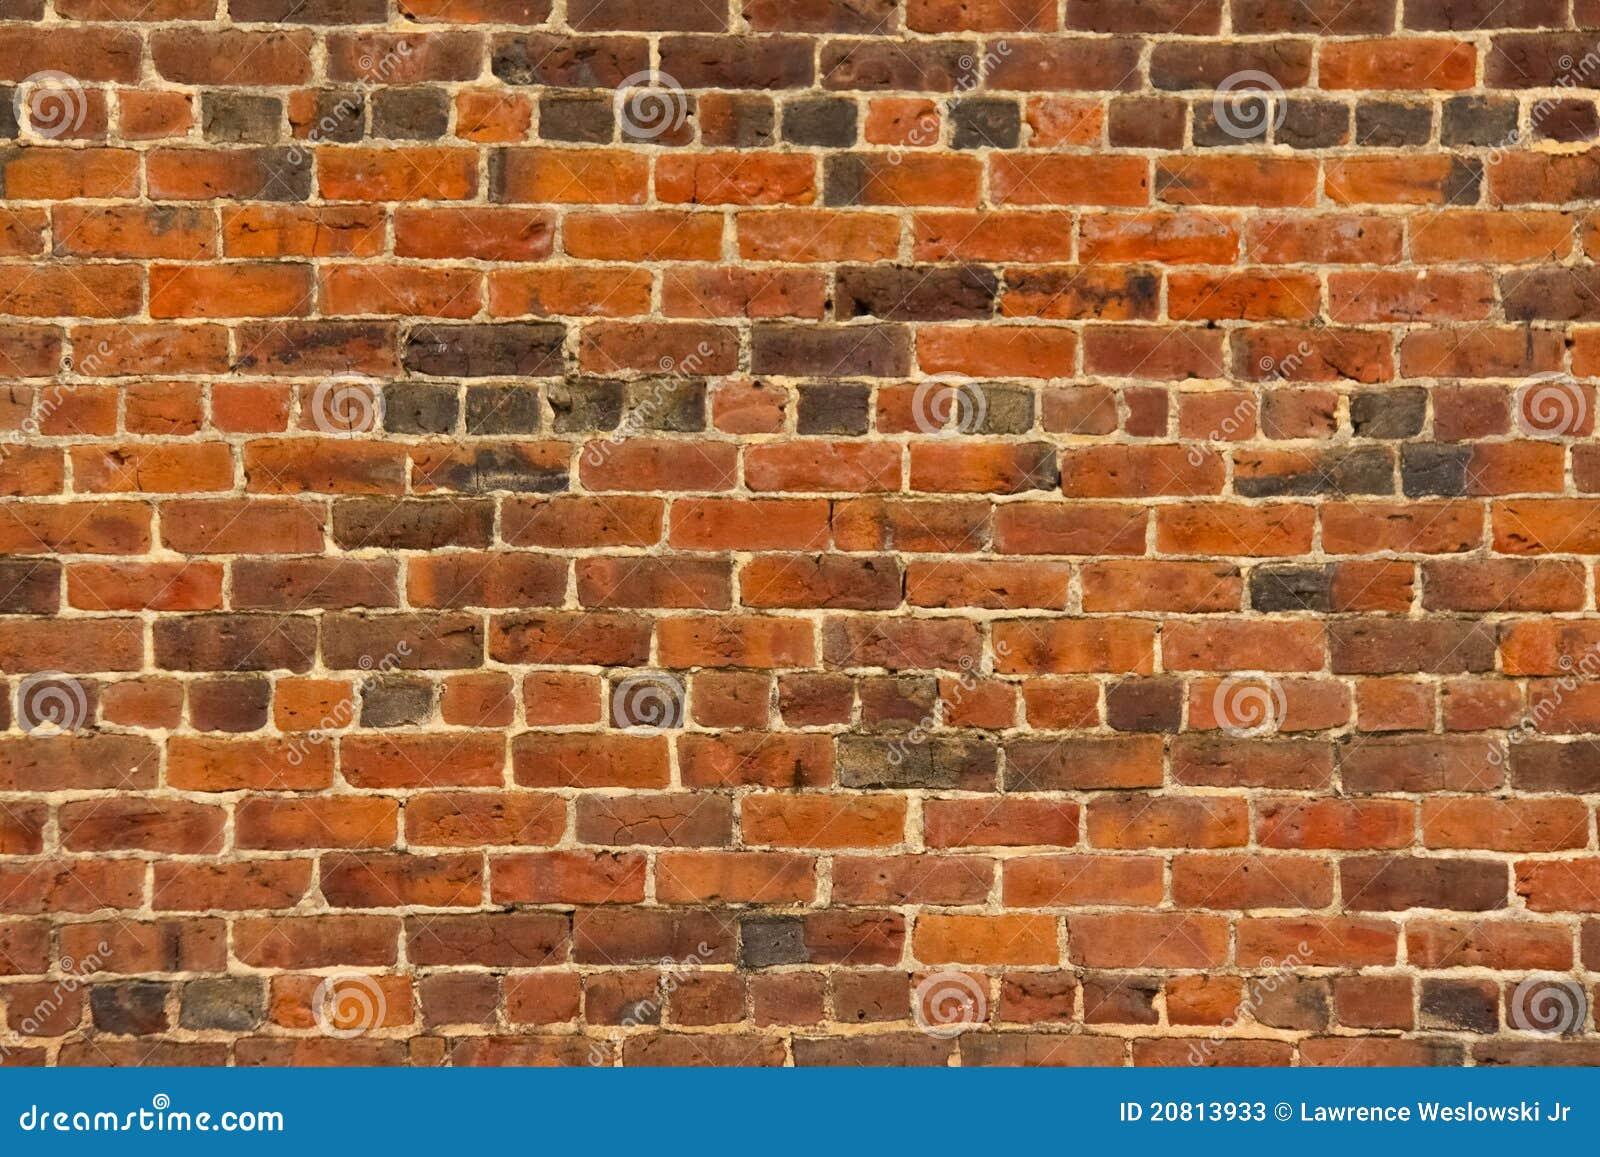 цвет кирпича дробит старую красную стену на участки текстуры